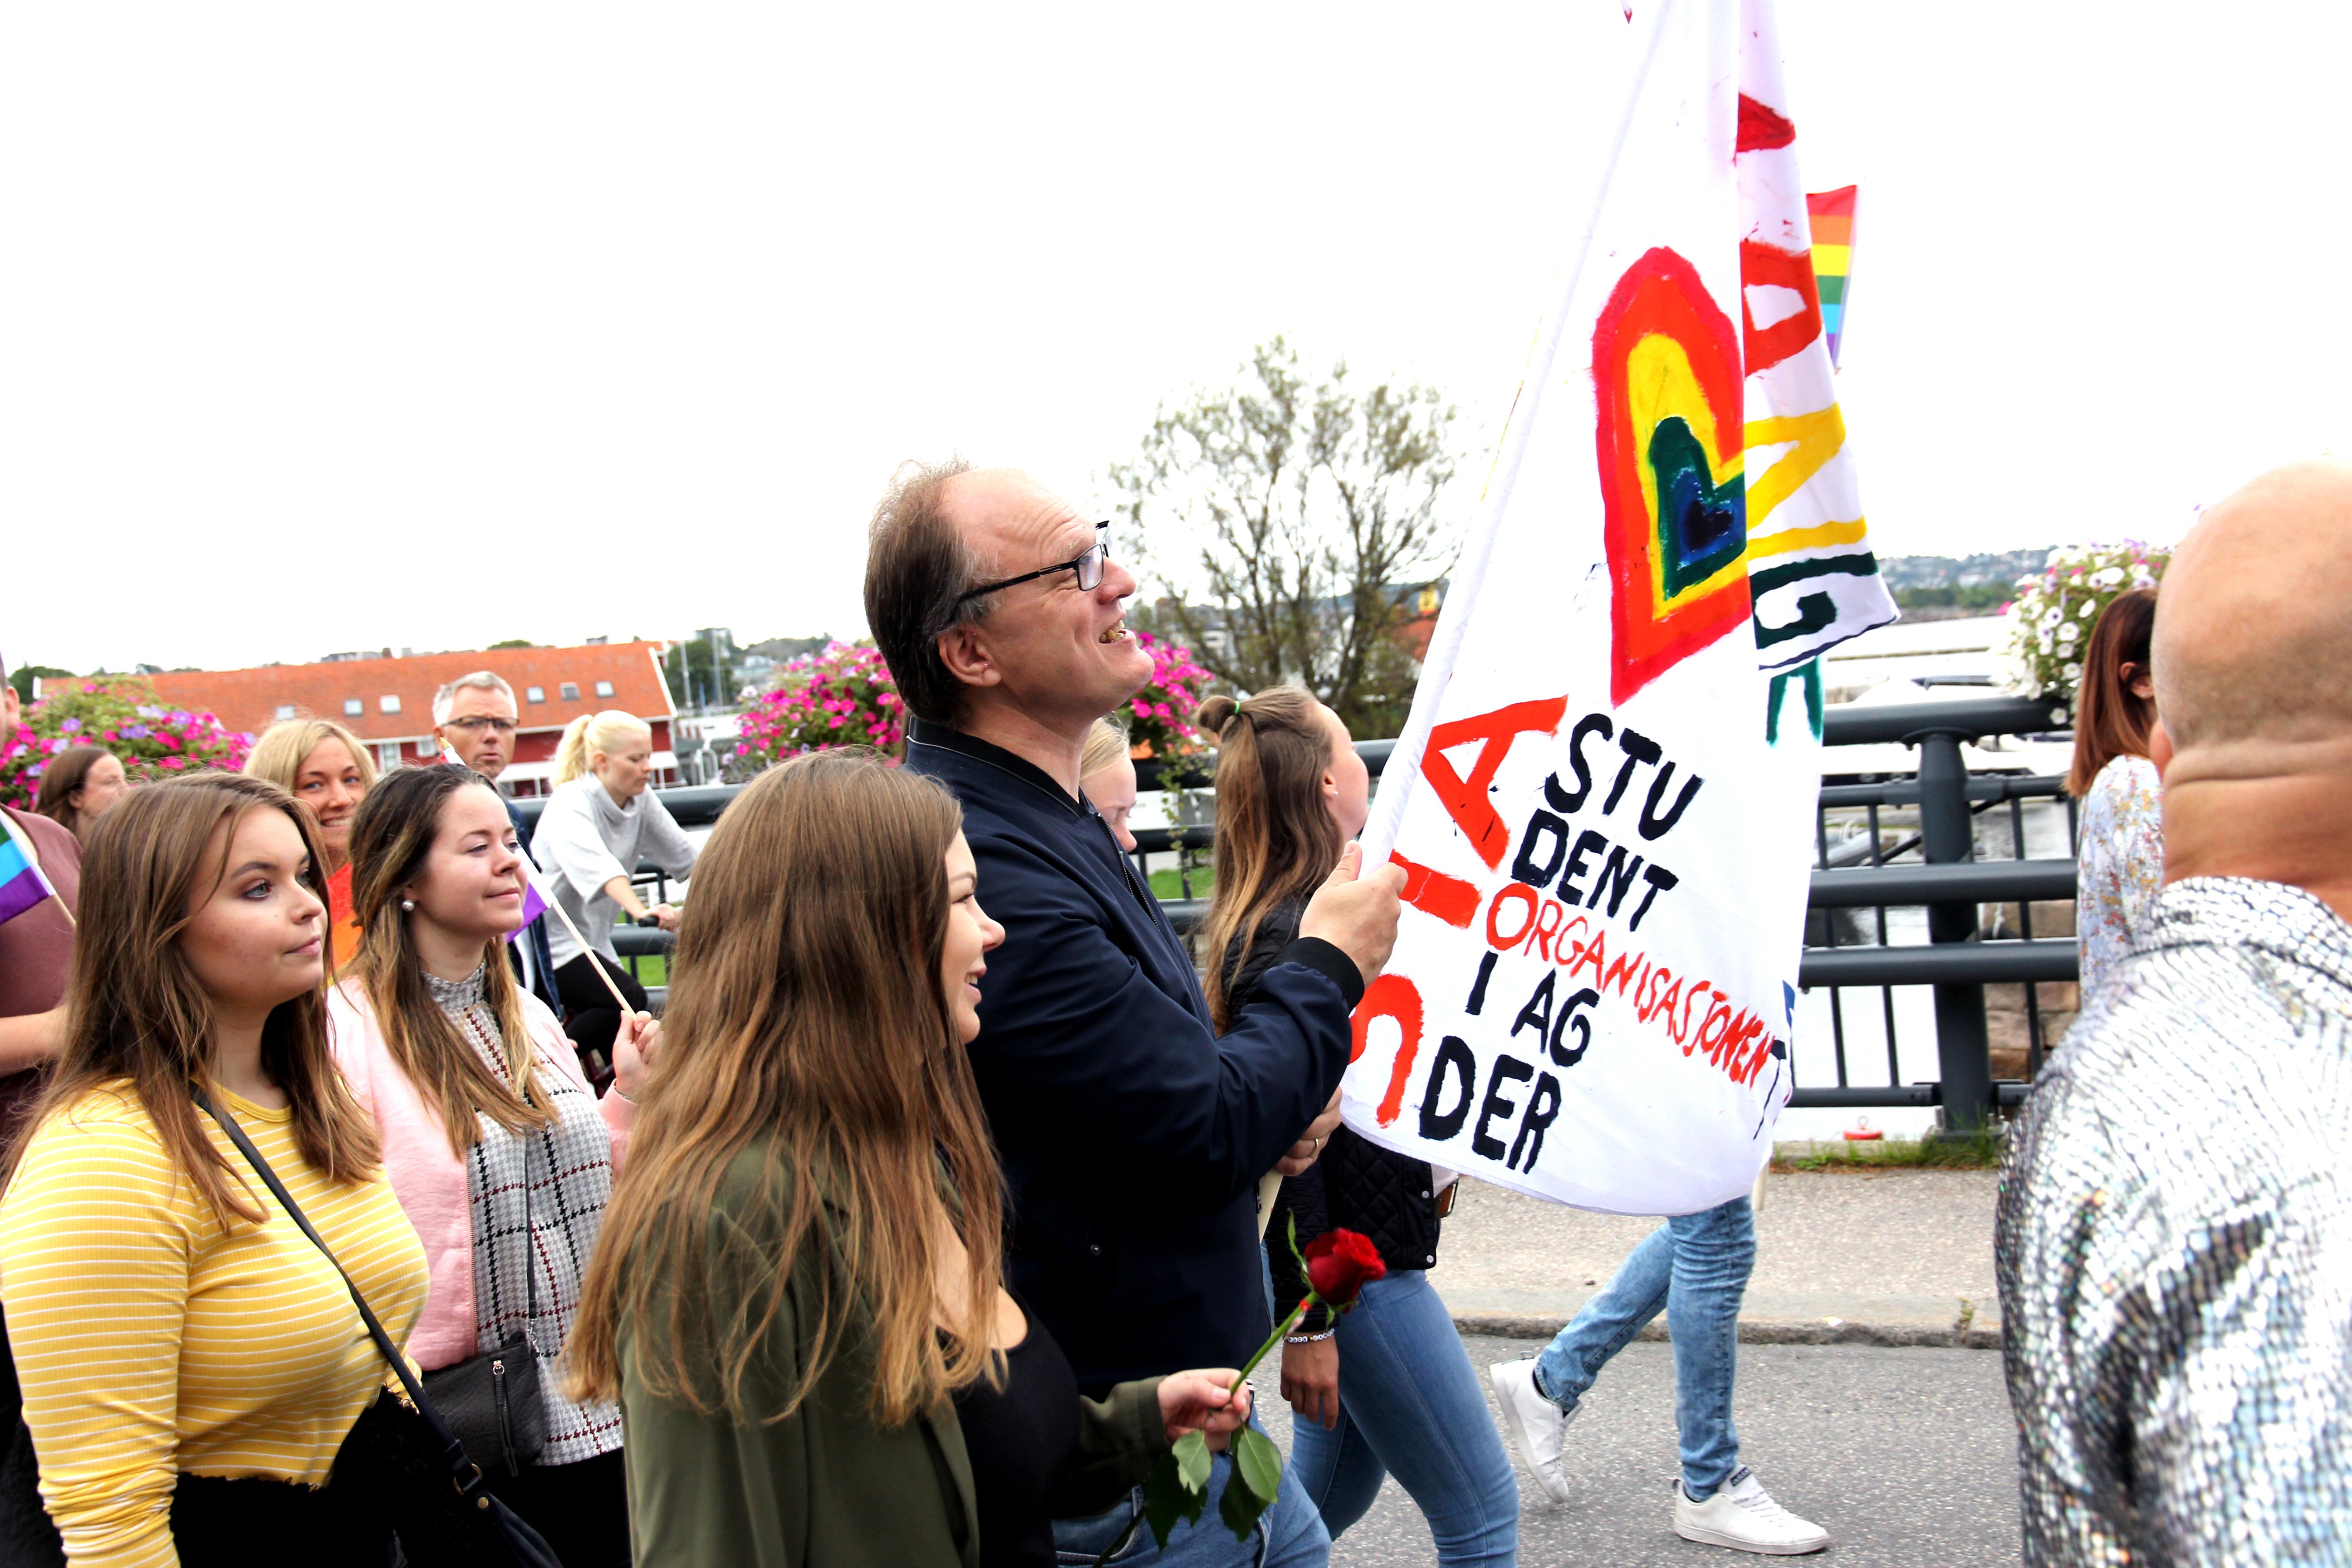 Se alle bildene fra PRIDE-paraden